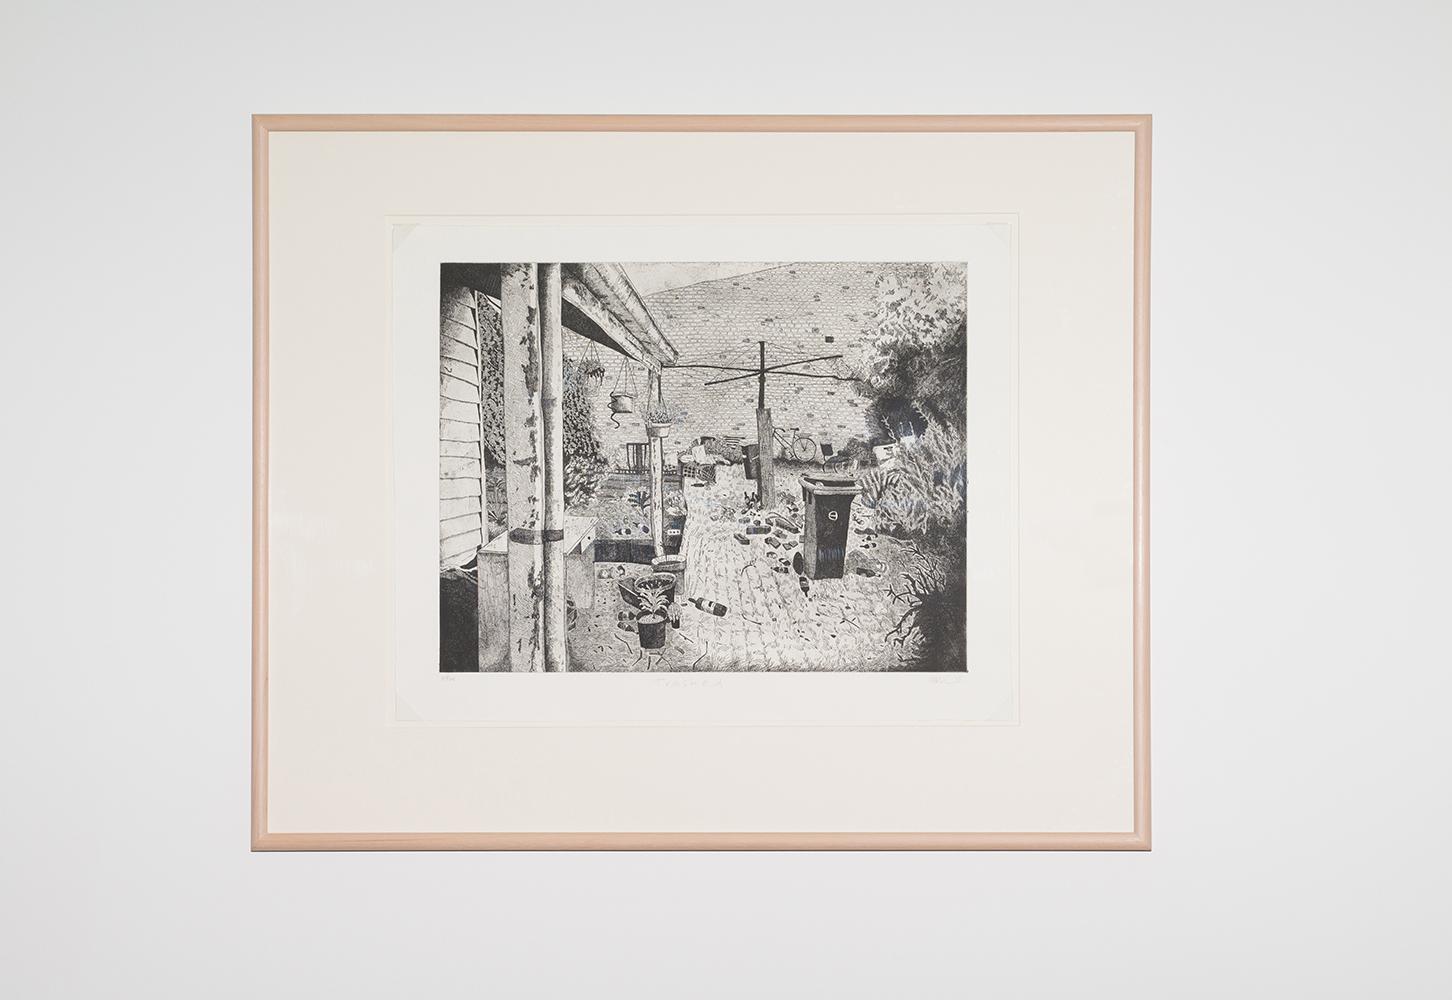 Carolyn Hawkins,  Trashed,  2015, etching, 69 x 54cm. Courtesy of Australian Print Workshop